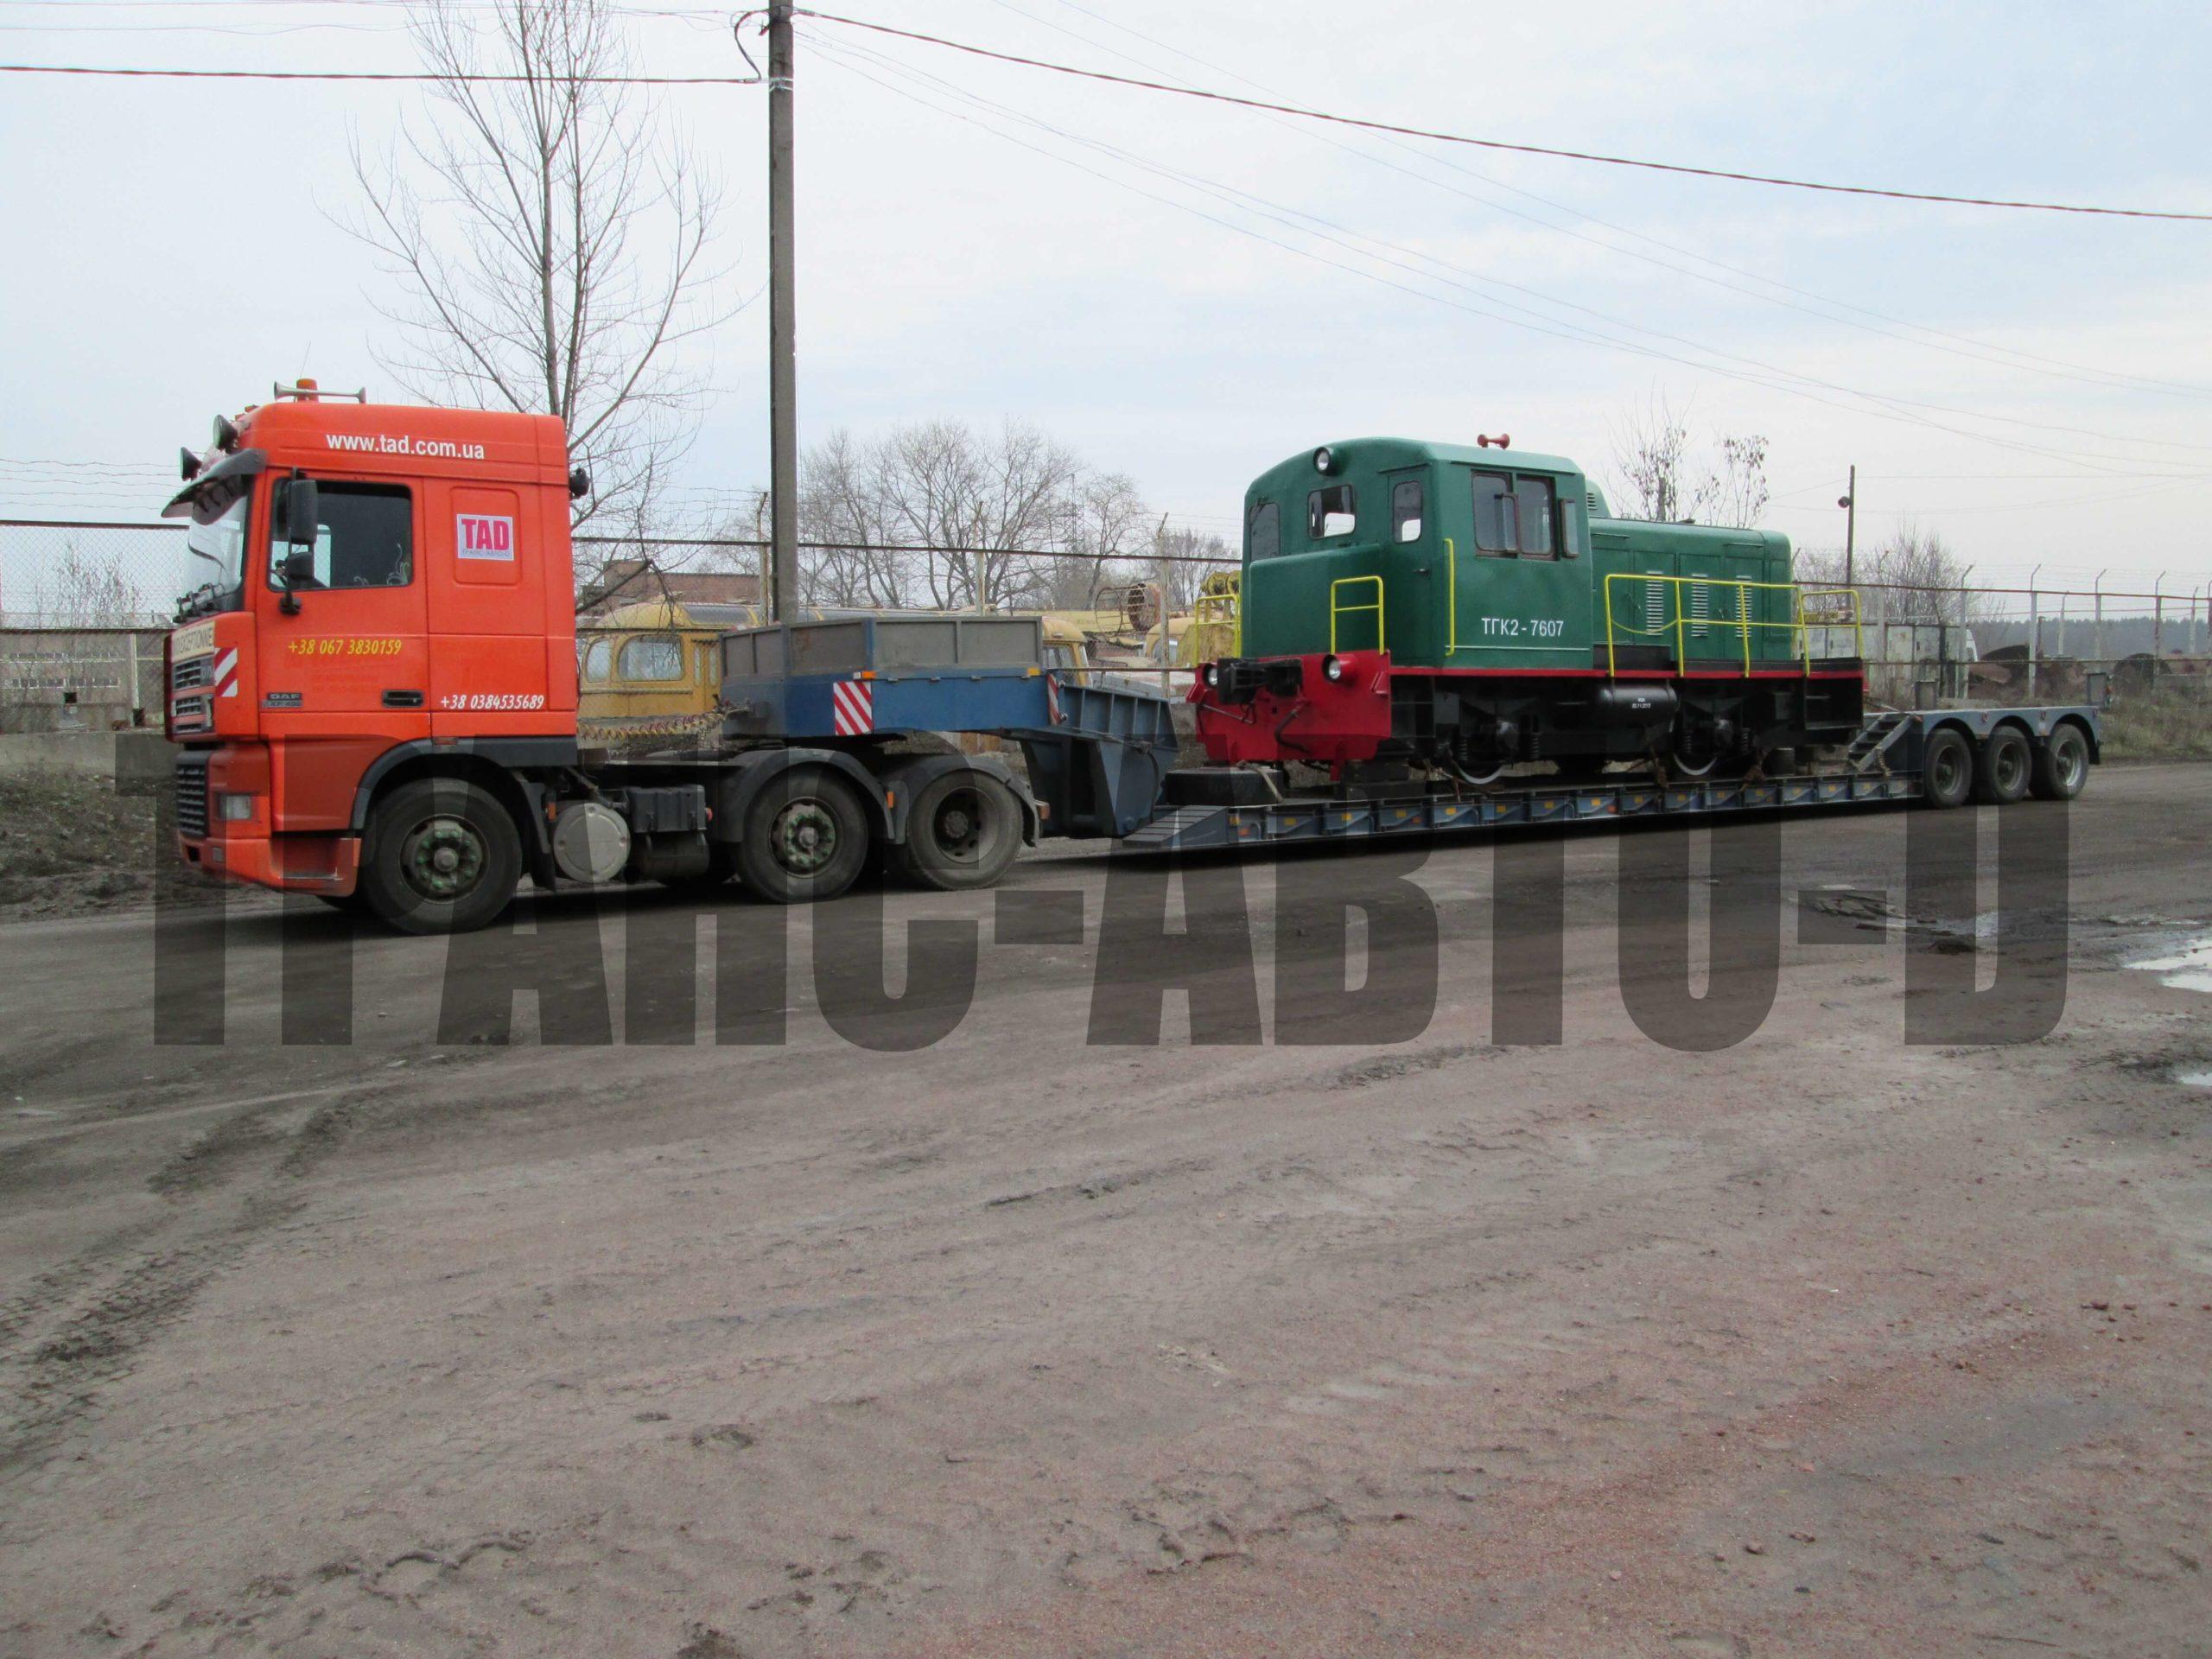 Доставка тралом небольшого поезда по Украине